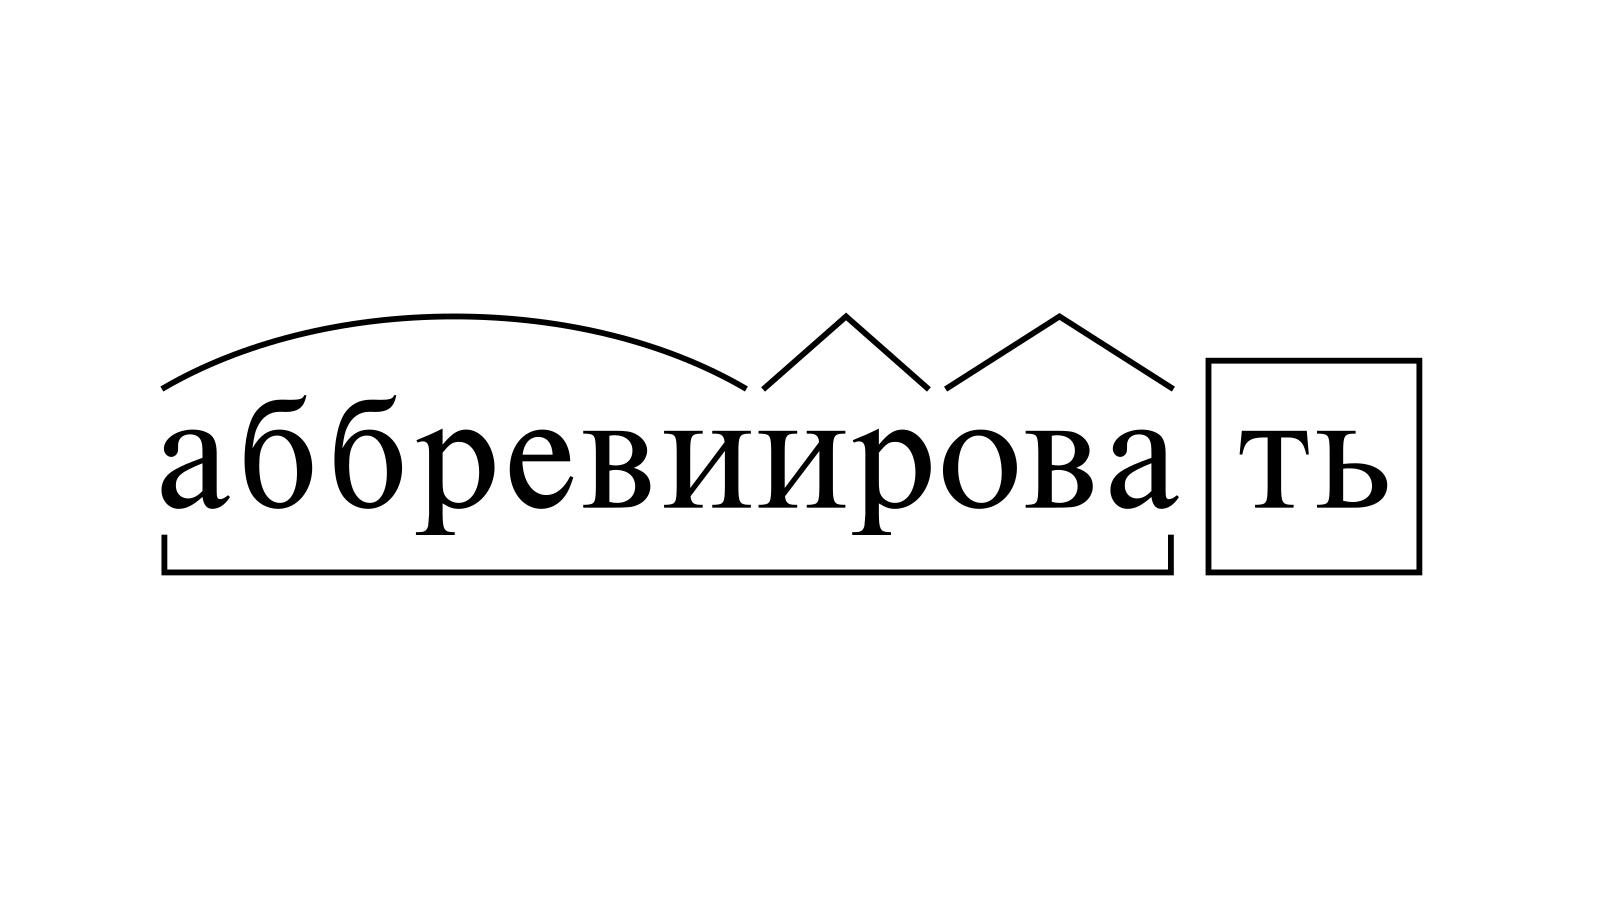 Разбор слова «аббревиировать» по составу